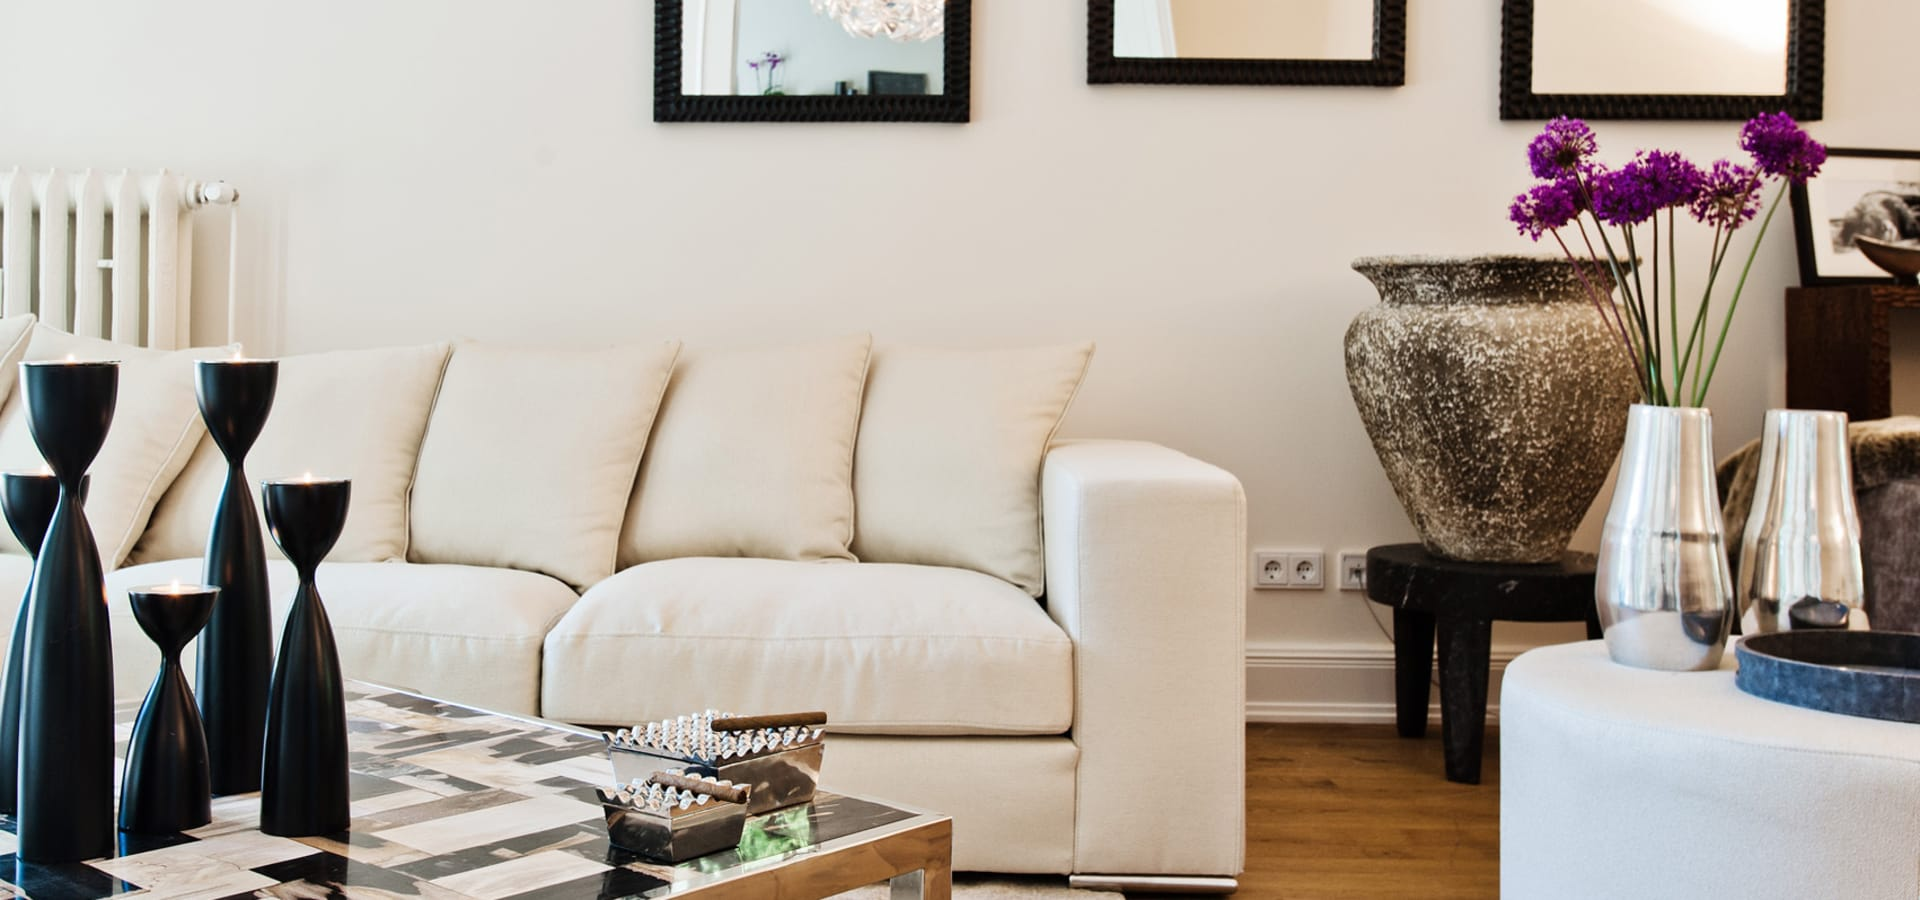 beistelltische couchtische hocker por amaris elements. Black Bedroom Furniture Sets. Home Design Ideas